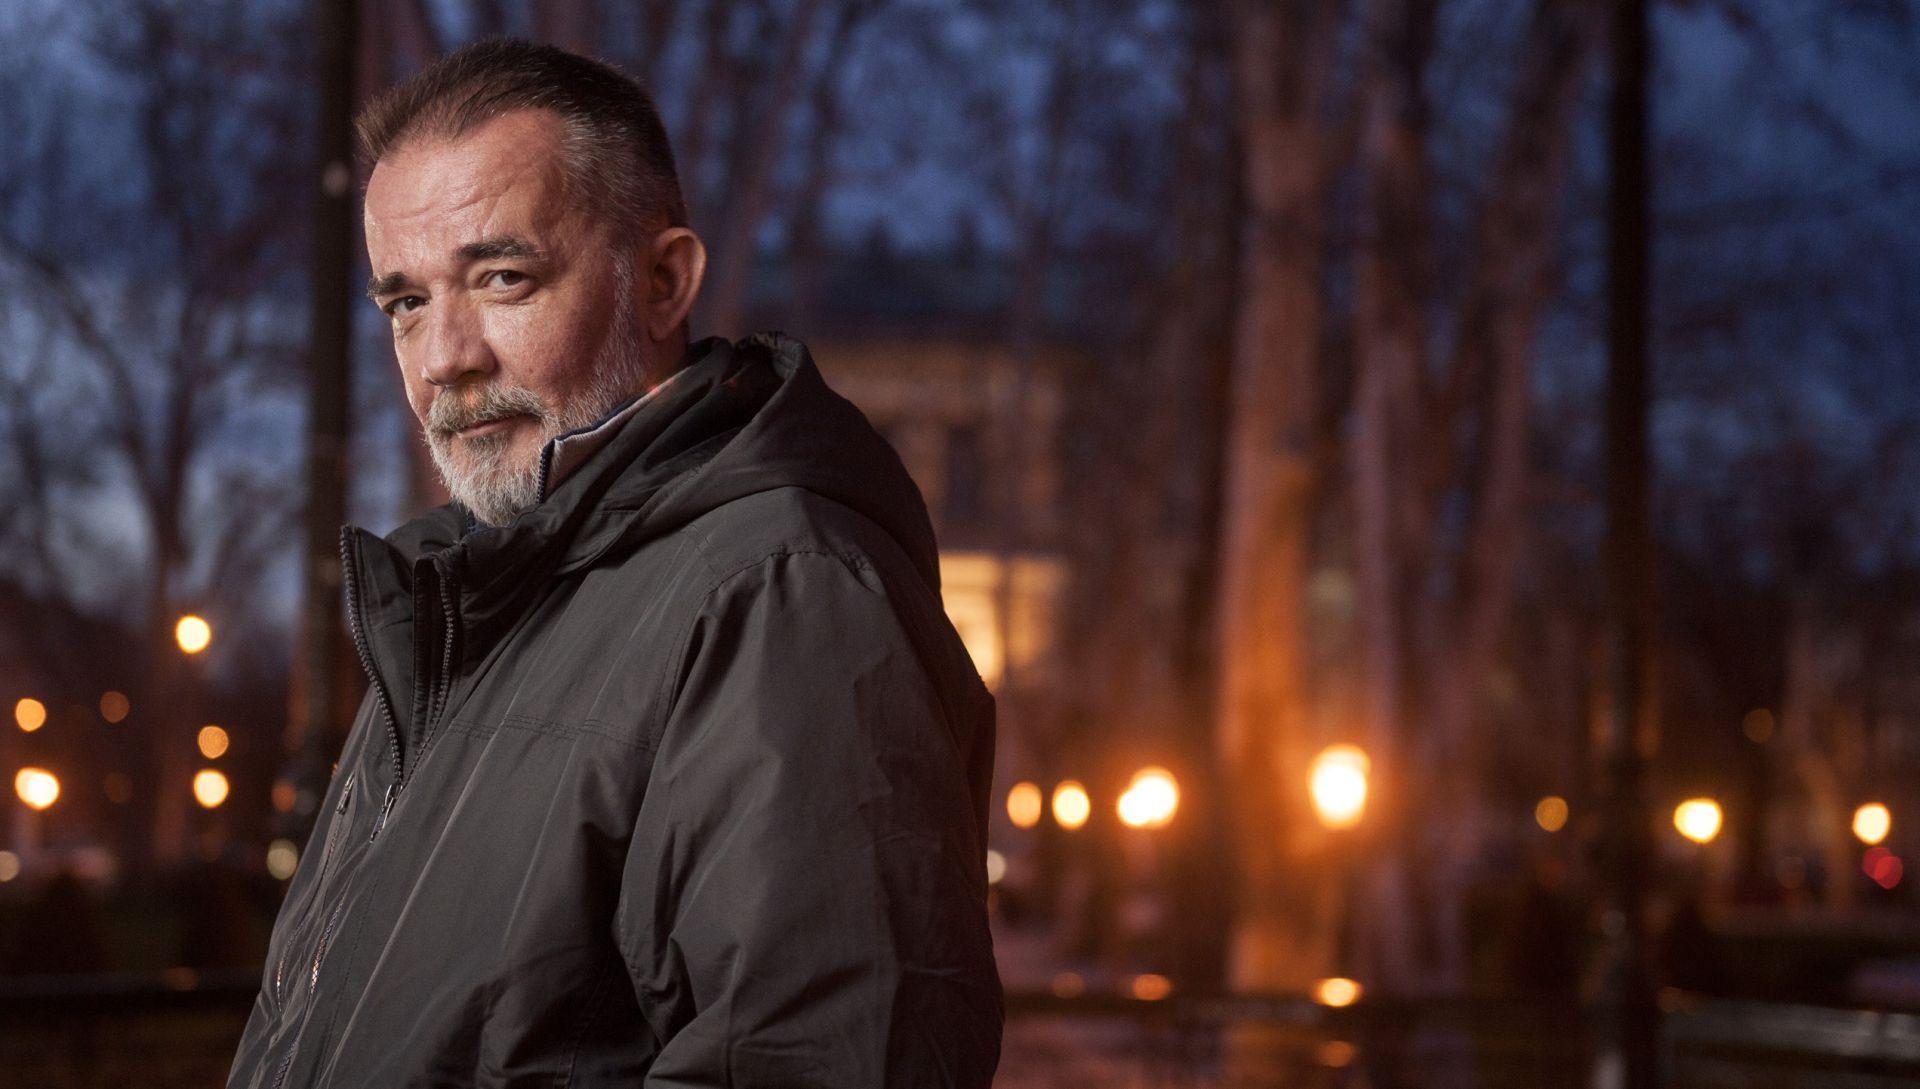 'Splićanima bi bilo baš atraktivno pozvati premijera Plenkovića na Pričigin'